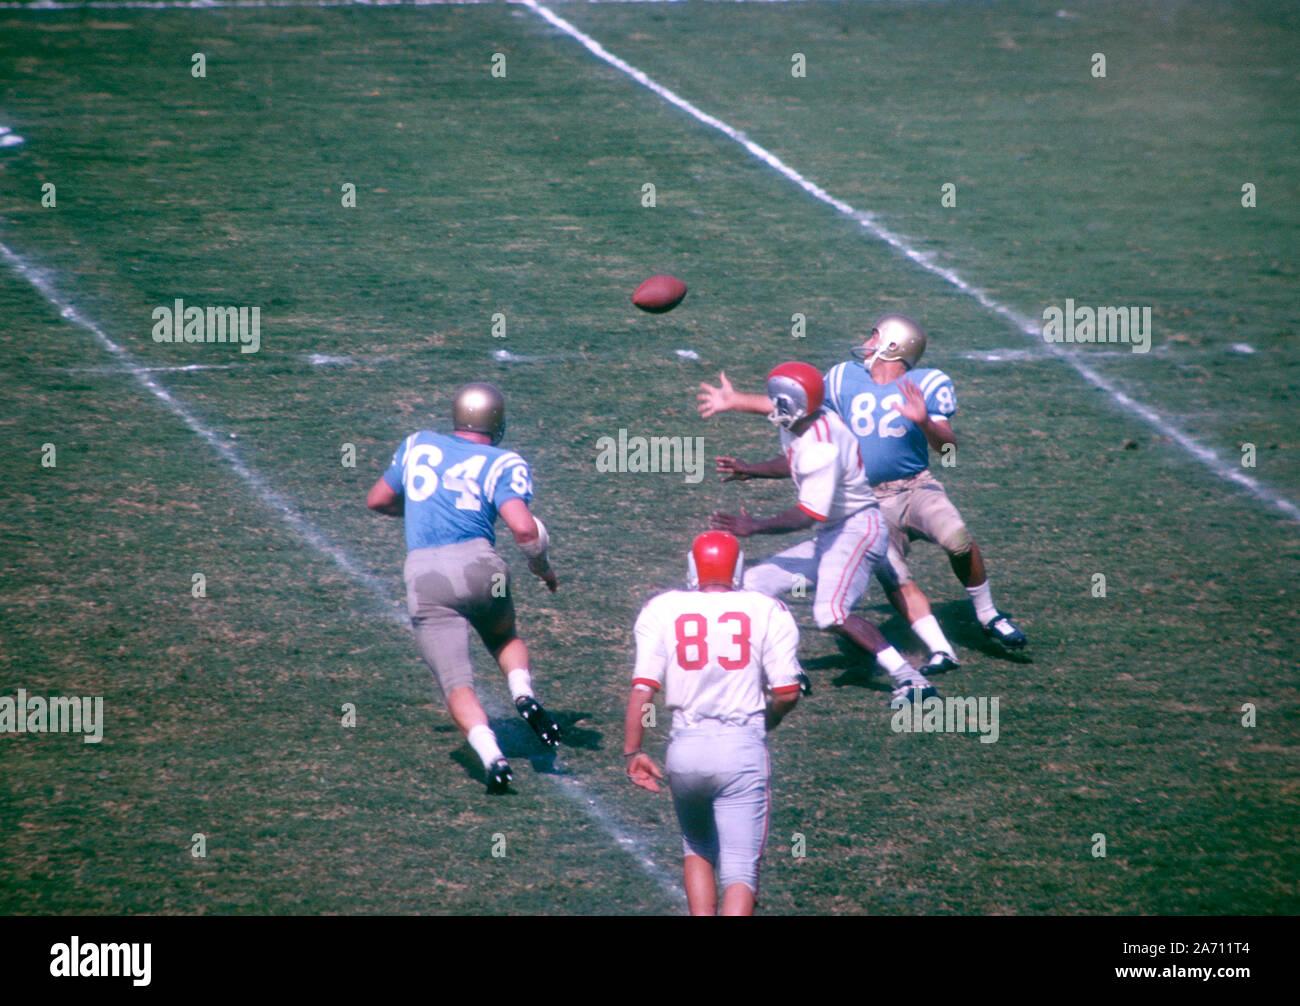 LOS ANGELES, CA - 6 de octubre: Don Francisco #82 de la UCLA Bruins y Richard Mangiamelle #43 de la Ohio State Buckeyes ir por el balón durante un partido de NCAA en Octubre 6, 1962 en el Los Angeles Memorial Coliseum en Los Angeles, California. (Foto por Hy Peskin) (número de registro: X8760) Foto de stock